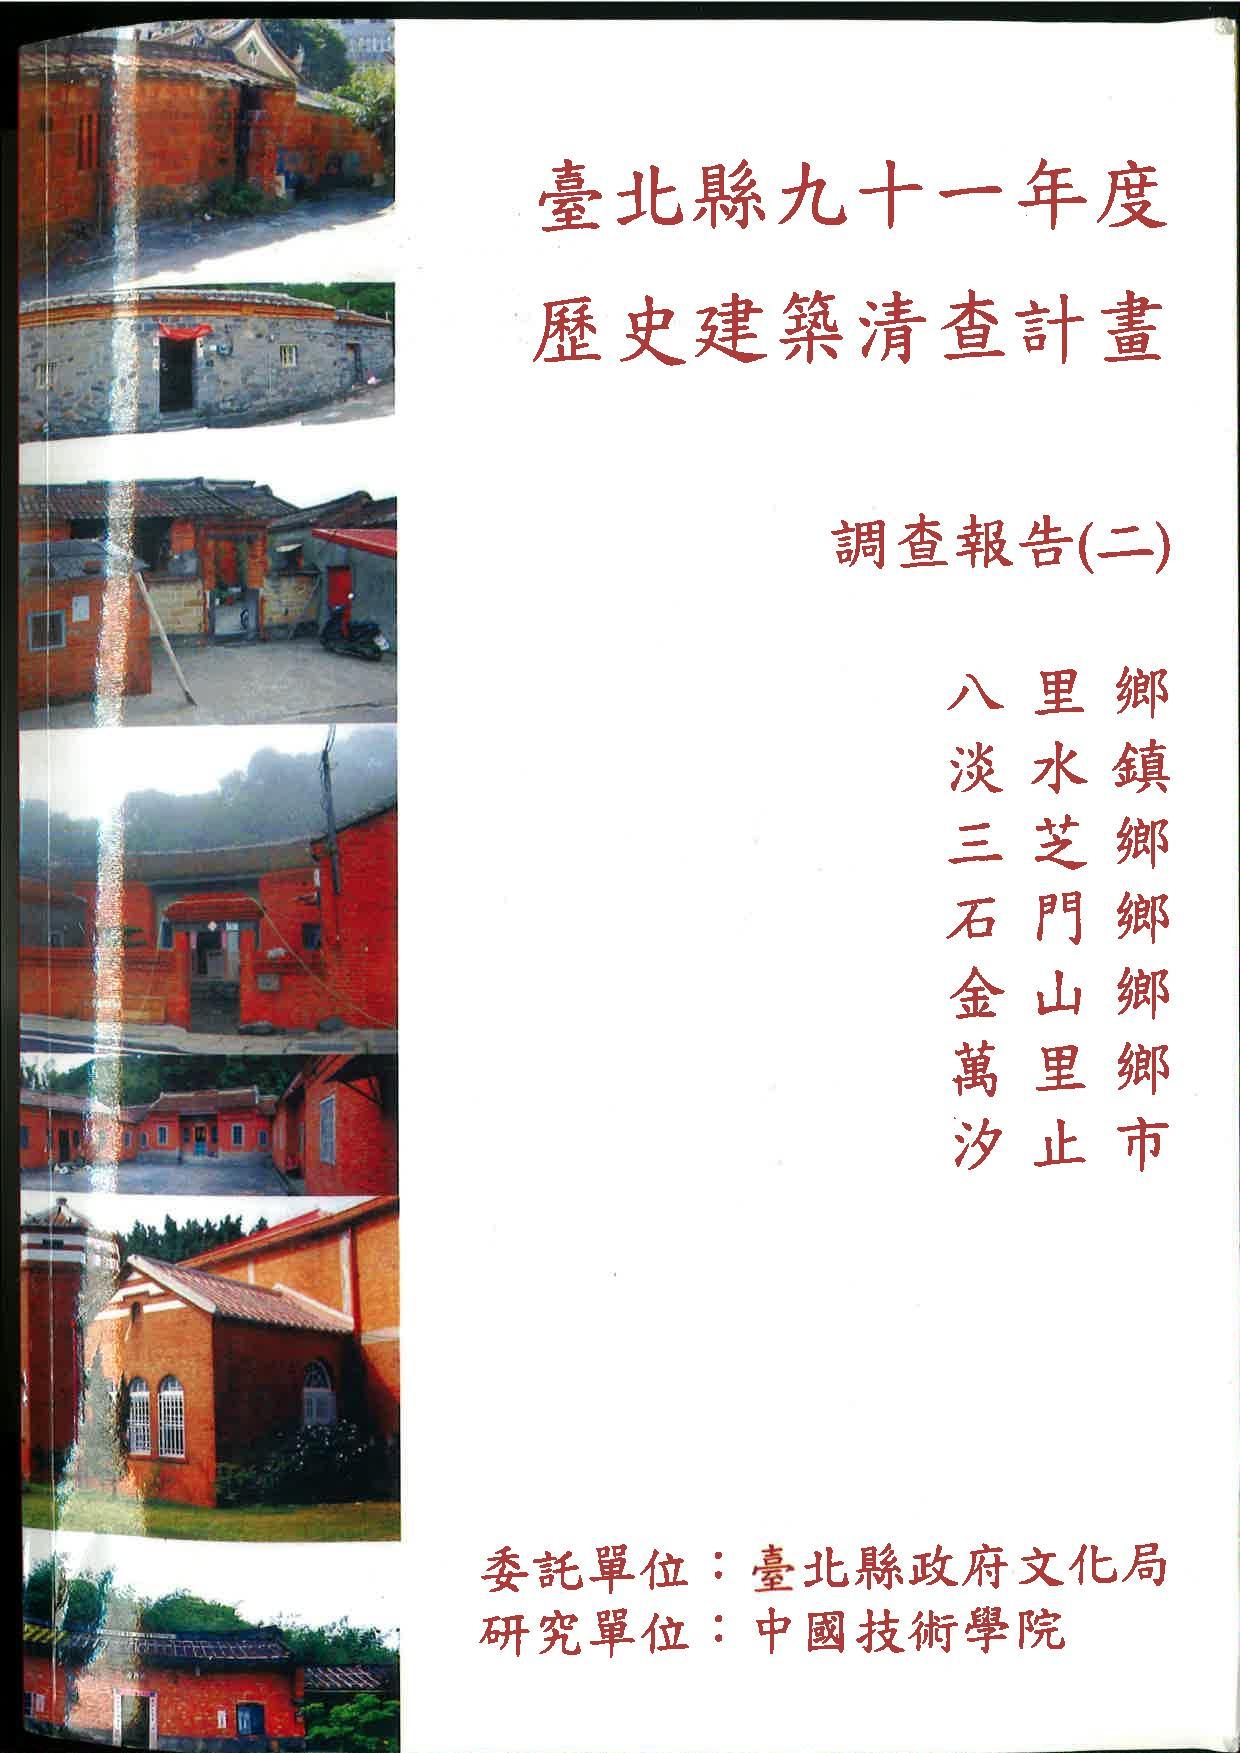 臺北縣九十一年度歷史建築清查計畫 調查報告(二)